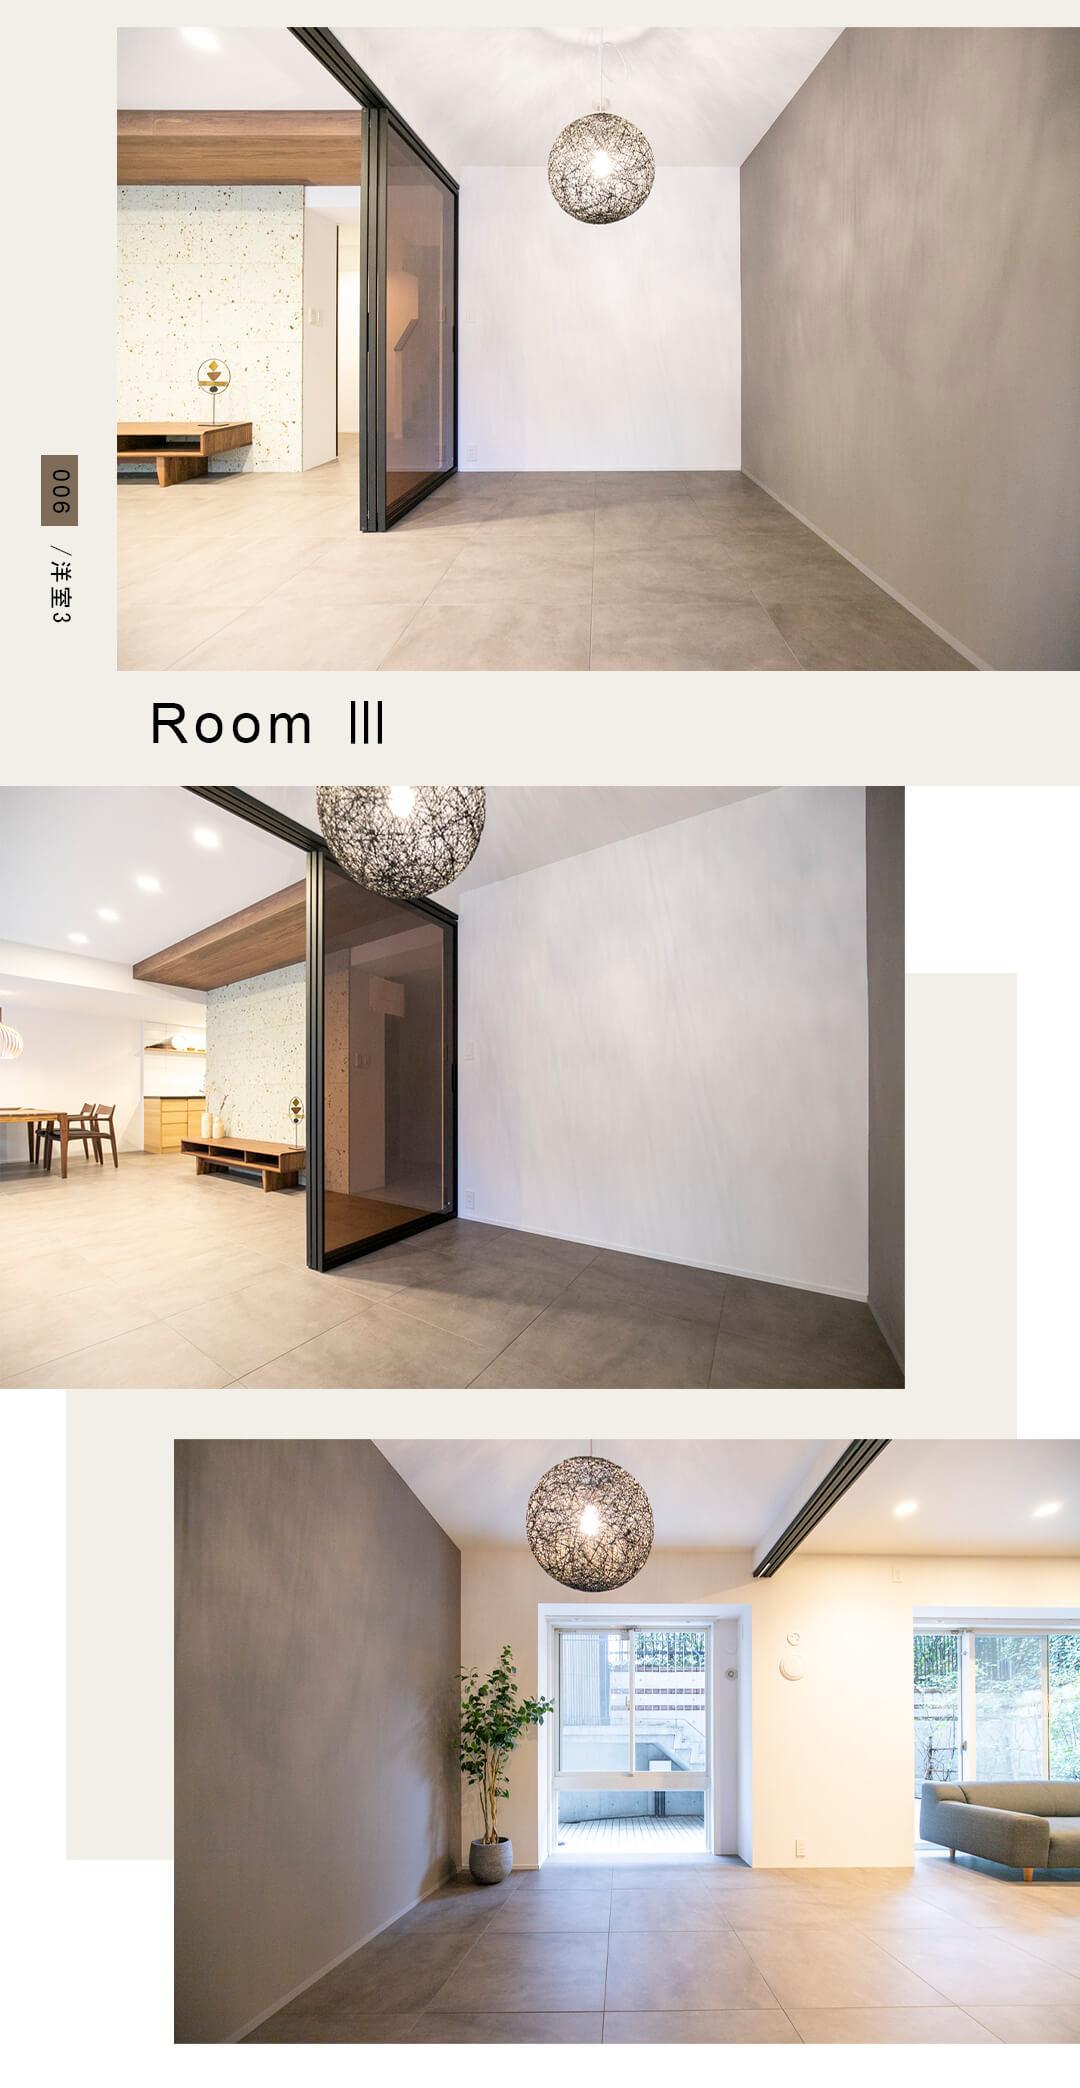 006洋室3 Room Ⅲ